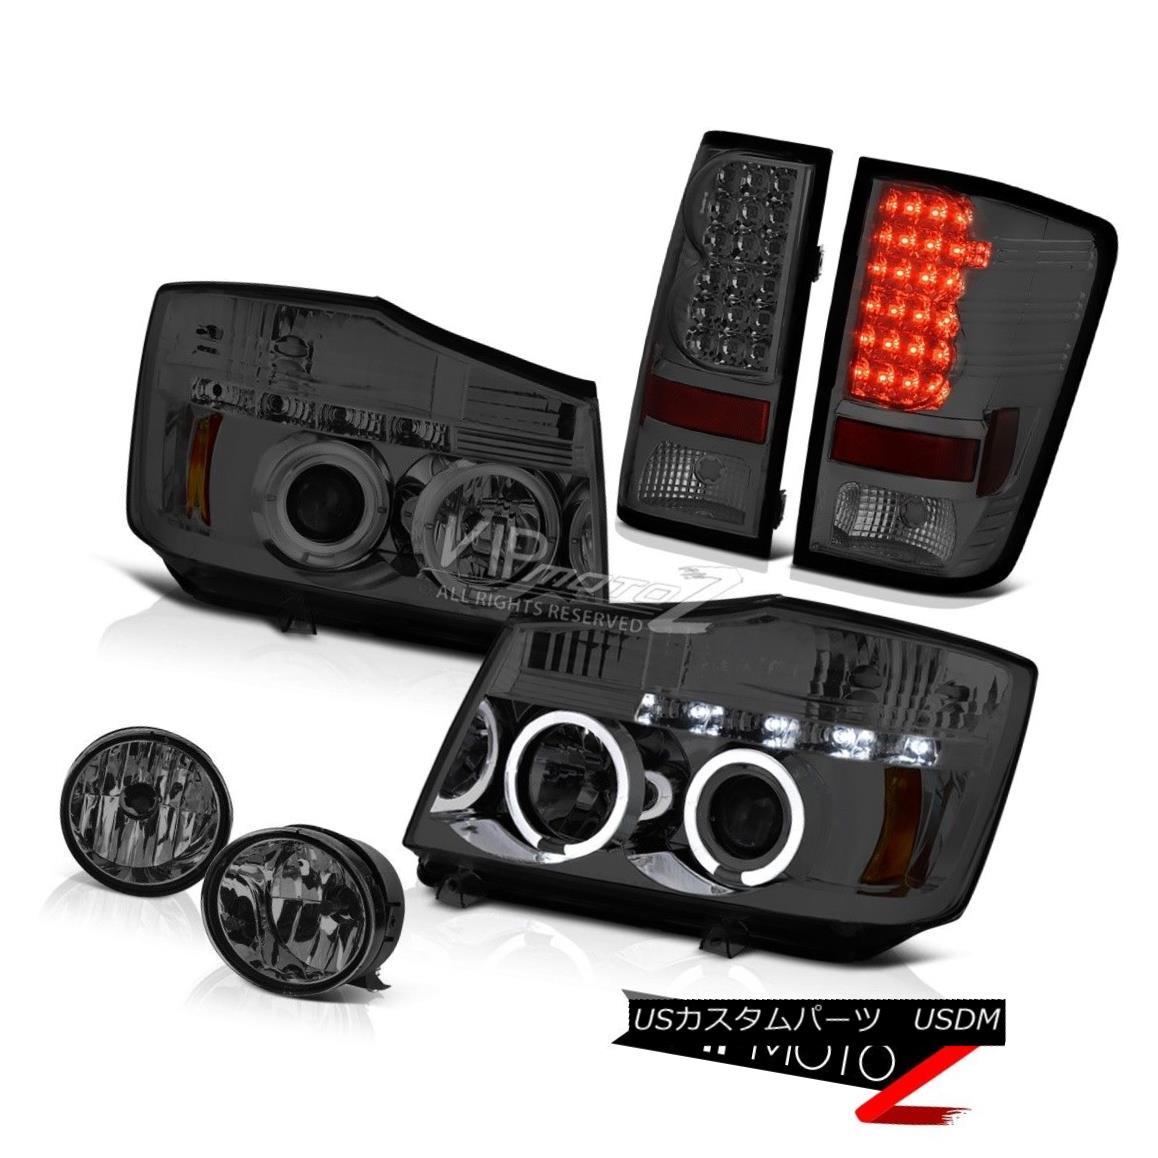 テールライト For 04-15 Titan LE Smoke LED Headlight Tinted LED Rear Brake Tail Light Dark Fog 04-15タイタンLEスモークLEDヘッドライトティンテッドLEDリアブレーキテールライトダークフォグ